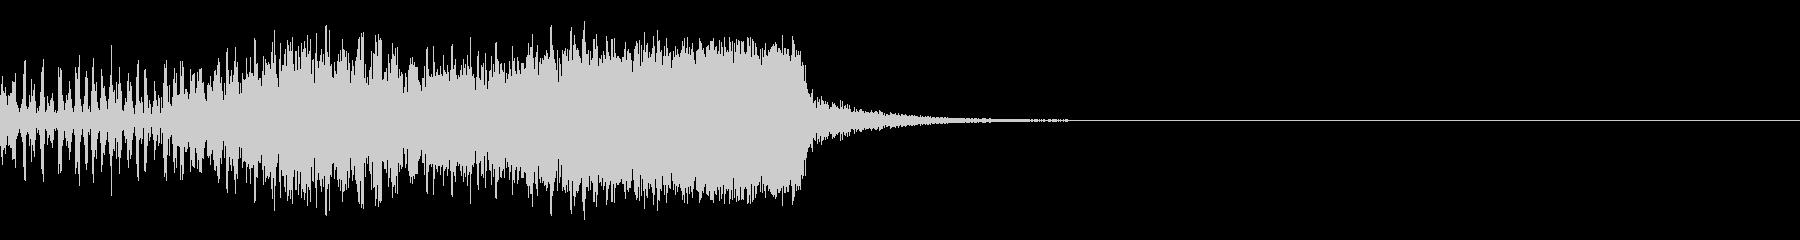 スパーク音-10の未再生の波形